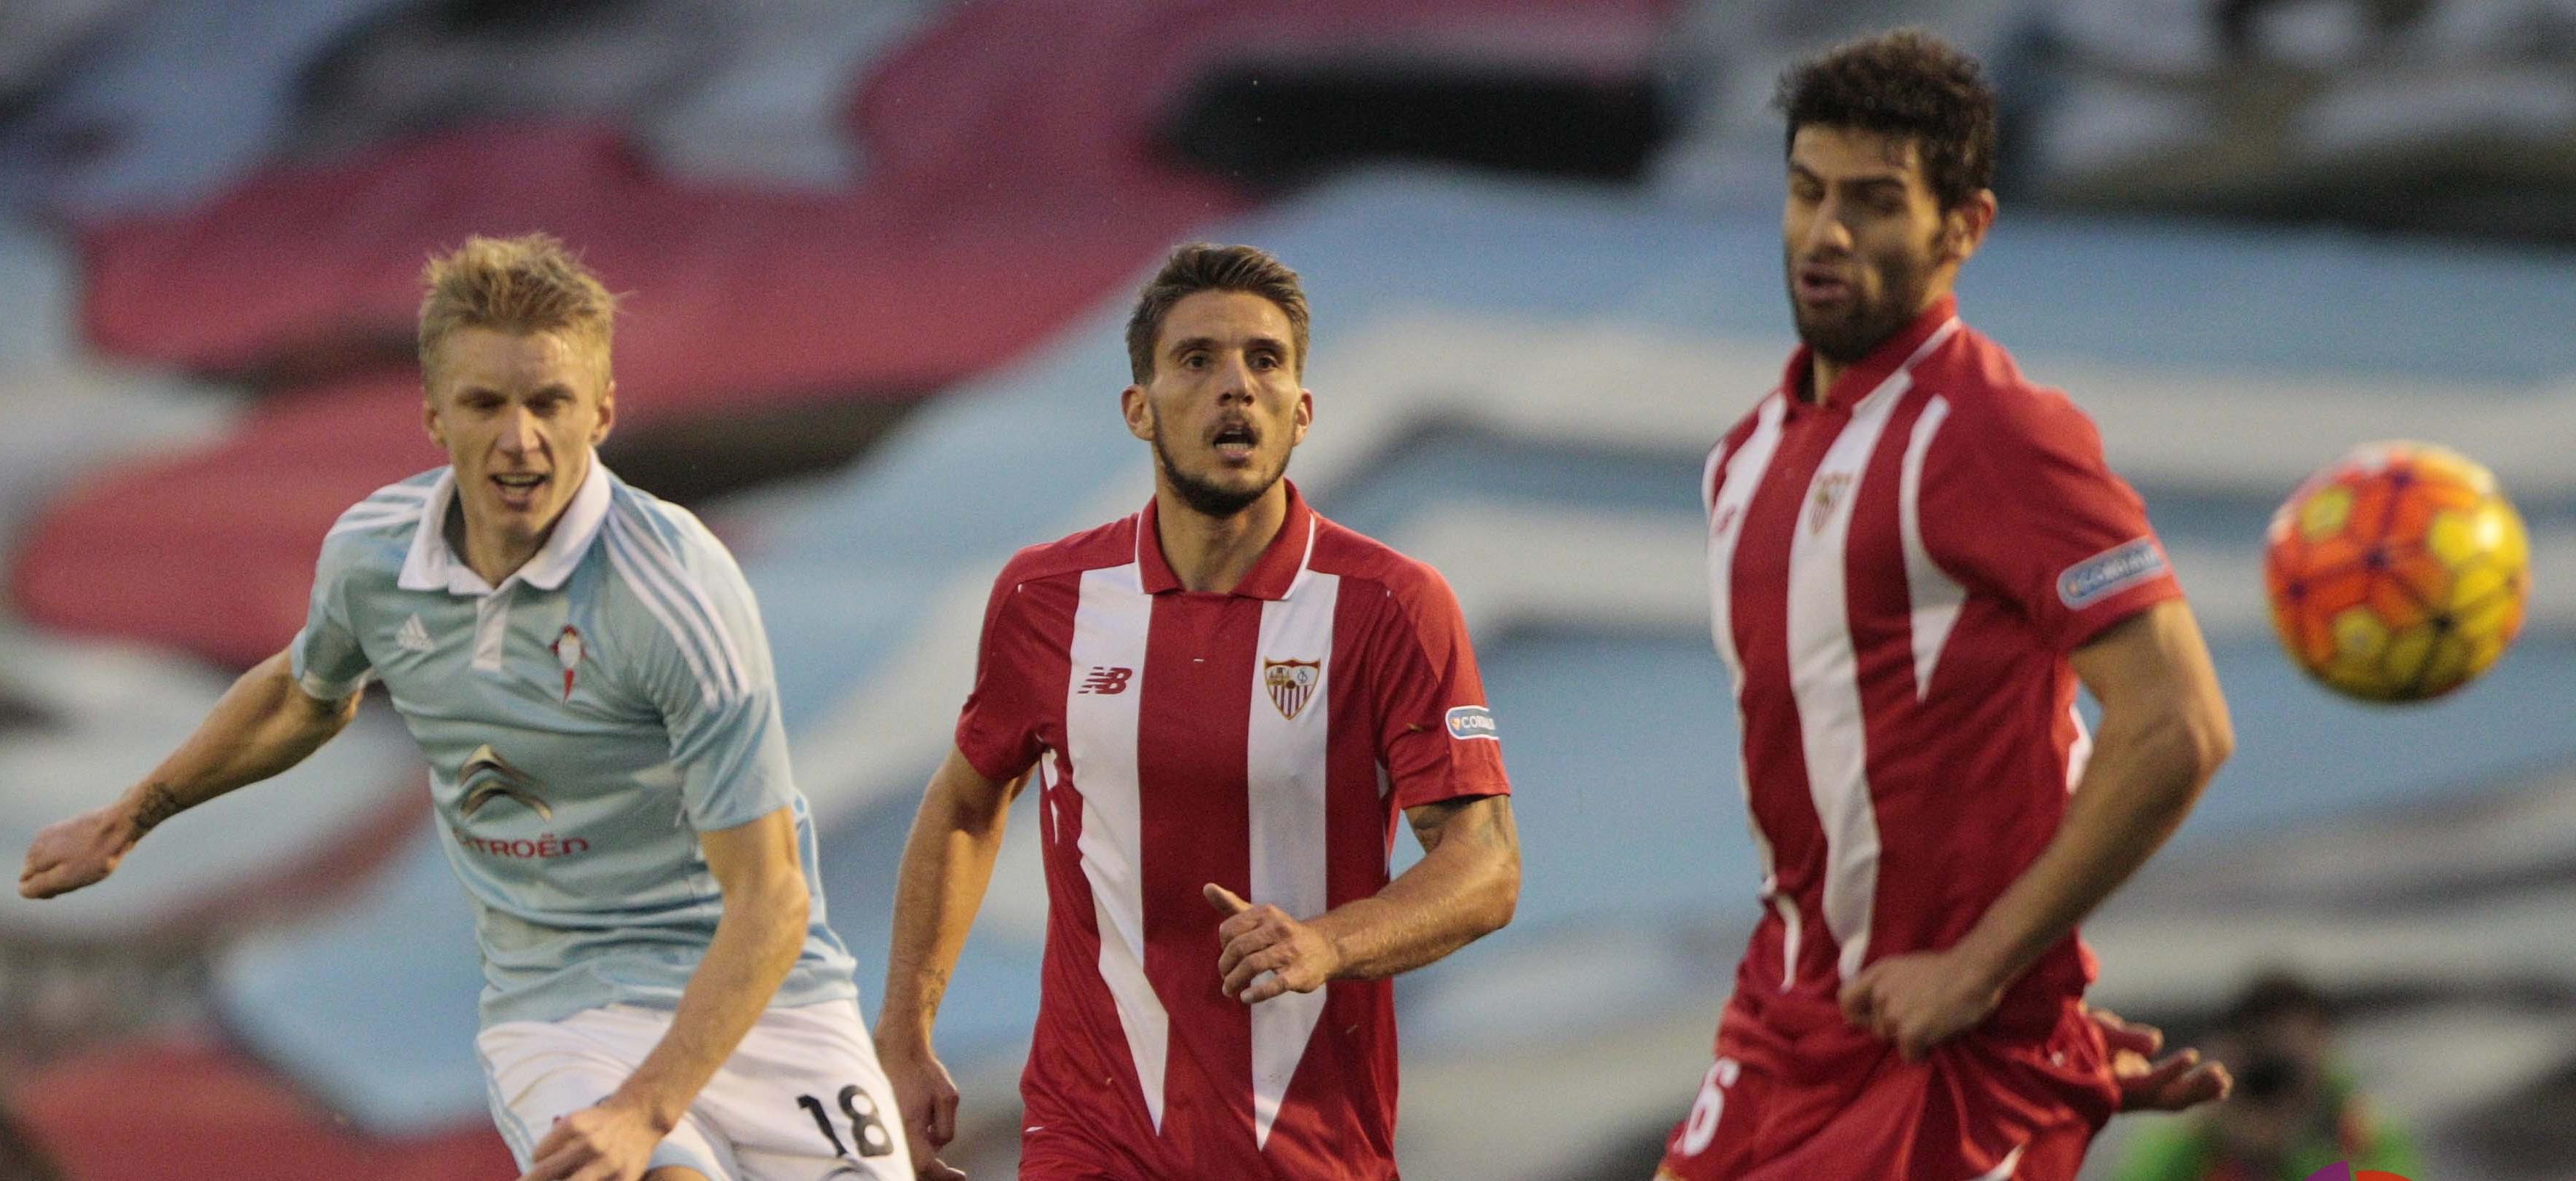 Carriço y Fazio en el Celta-Sevilla FC